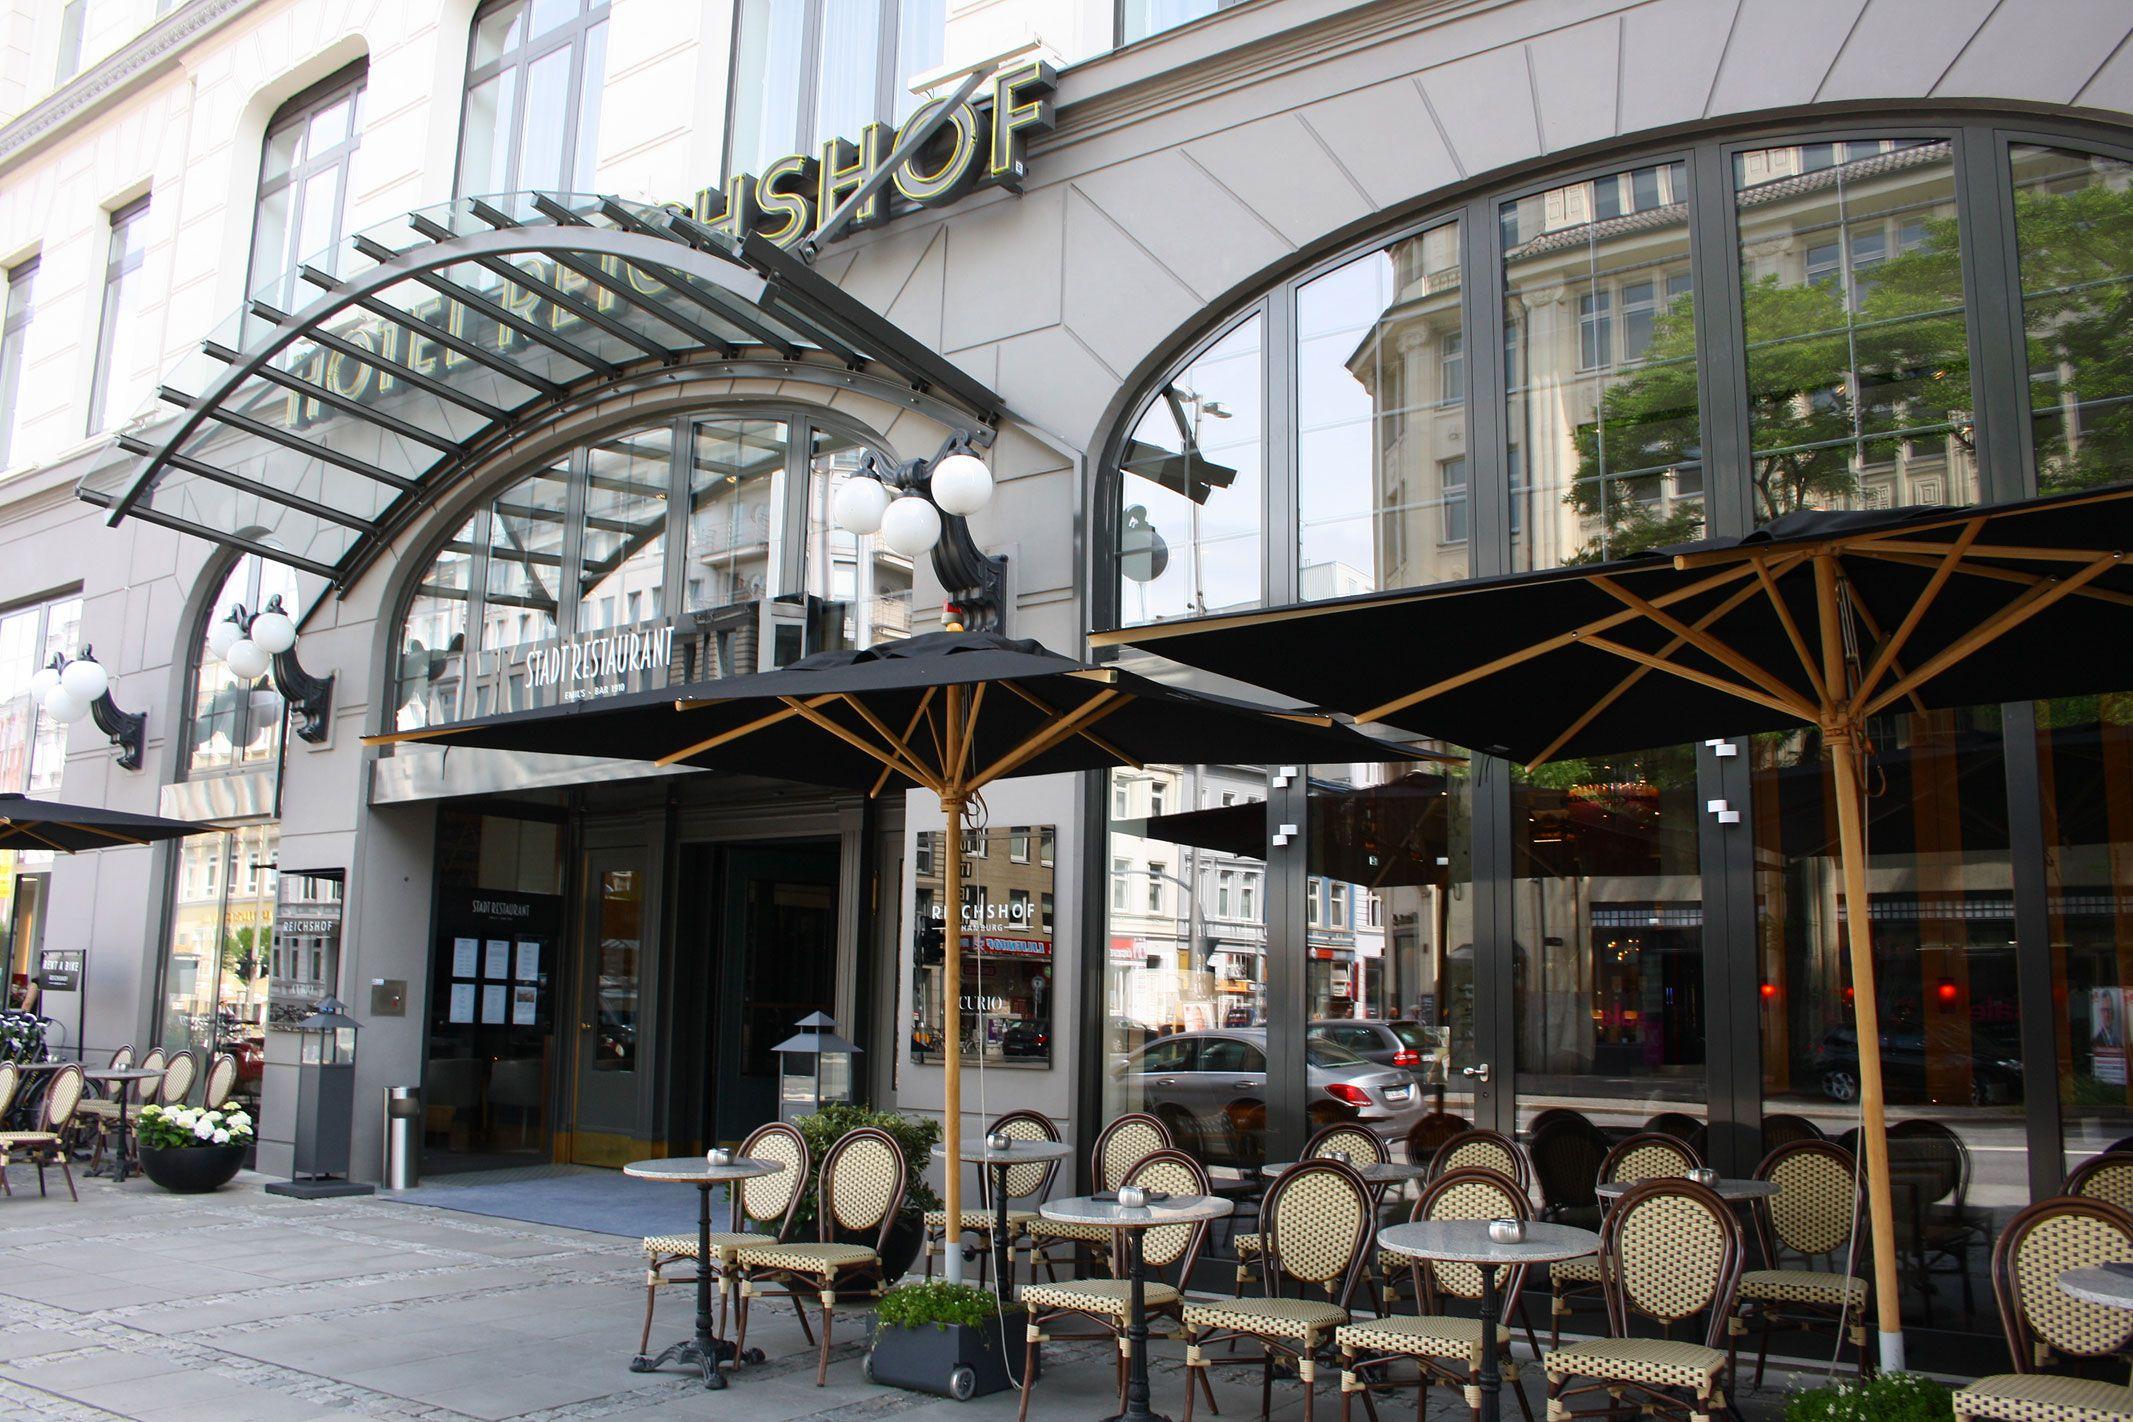 Eingang Hotel Reichshof im Zentrum von Hamburg, Foto